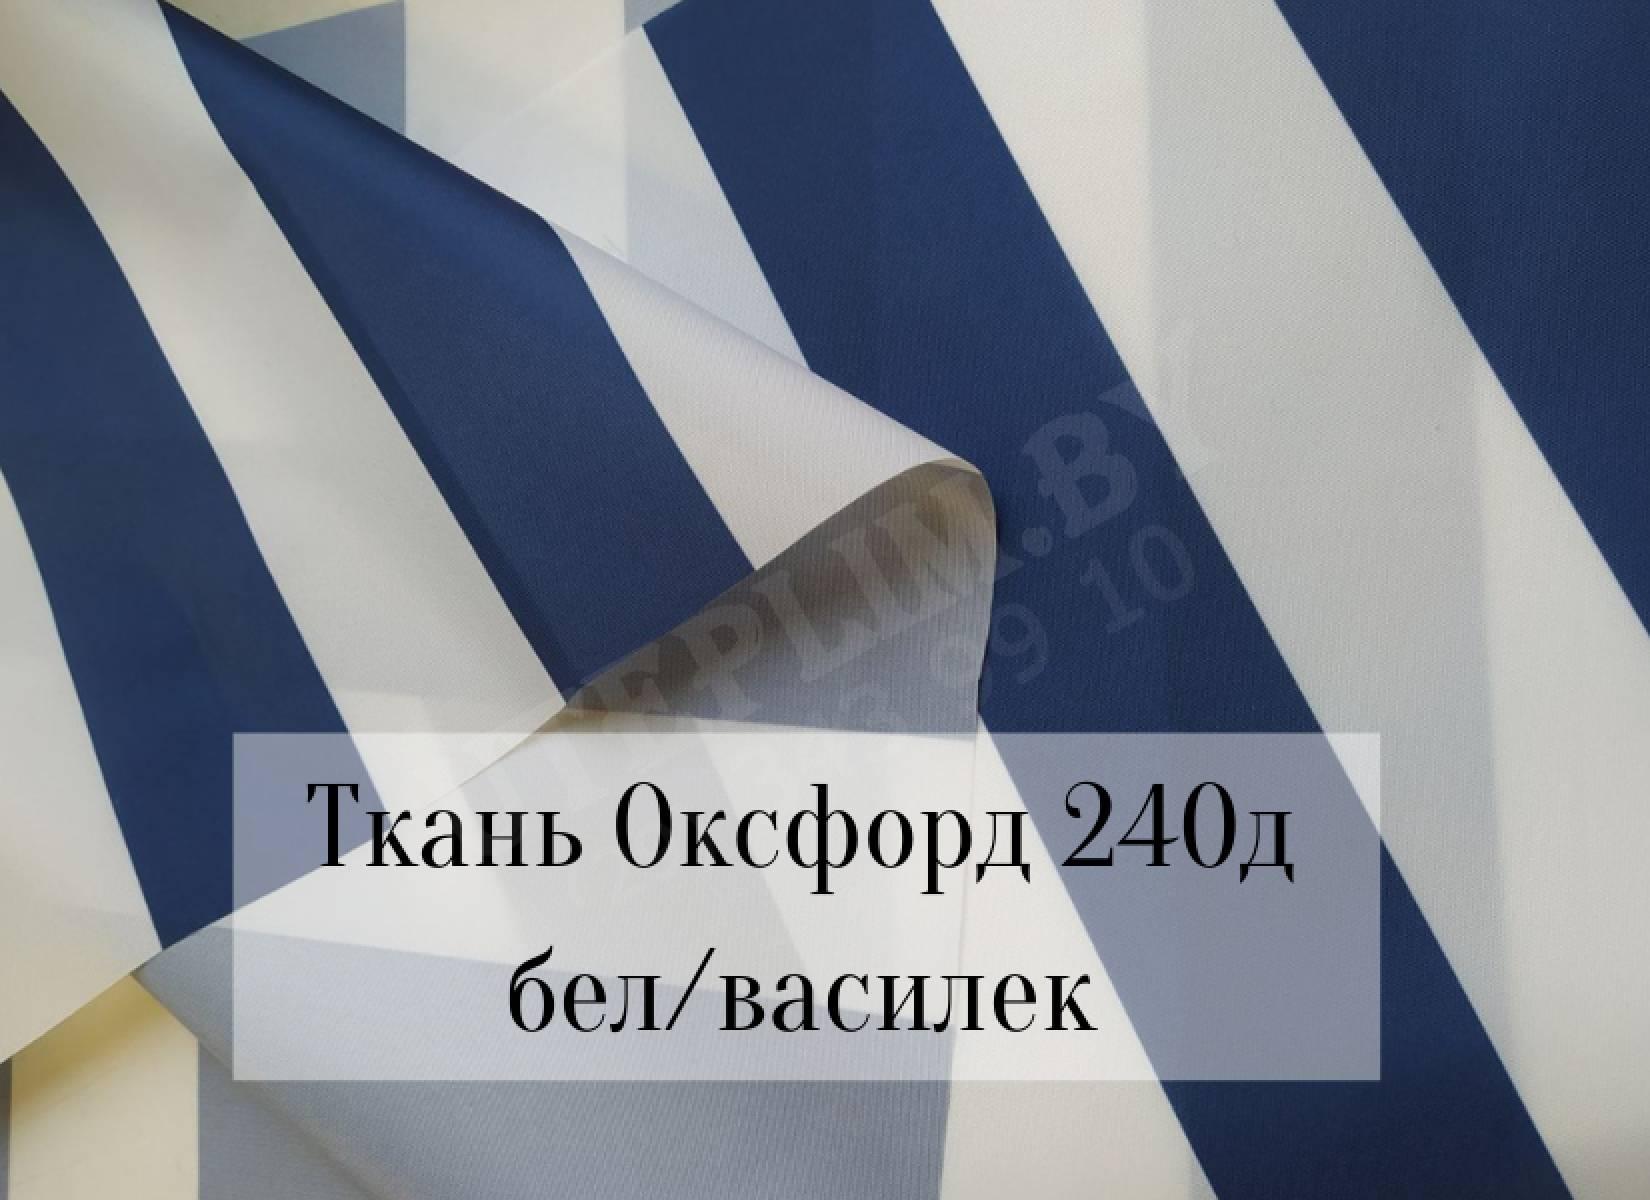 240д - бел/василек полоса